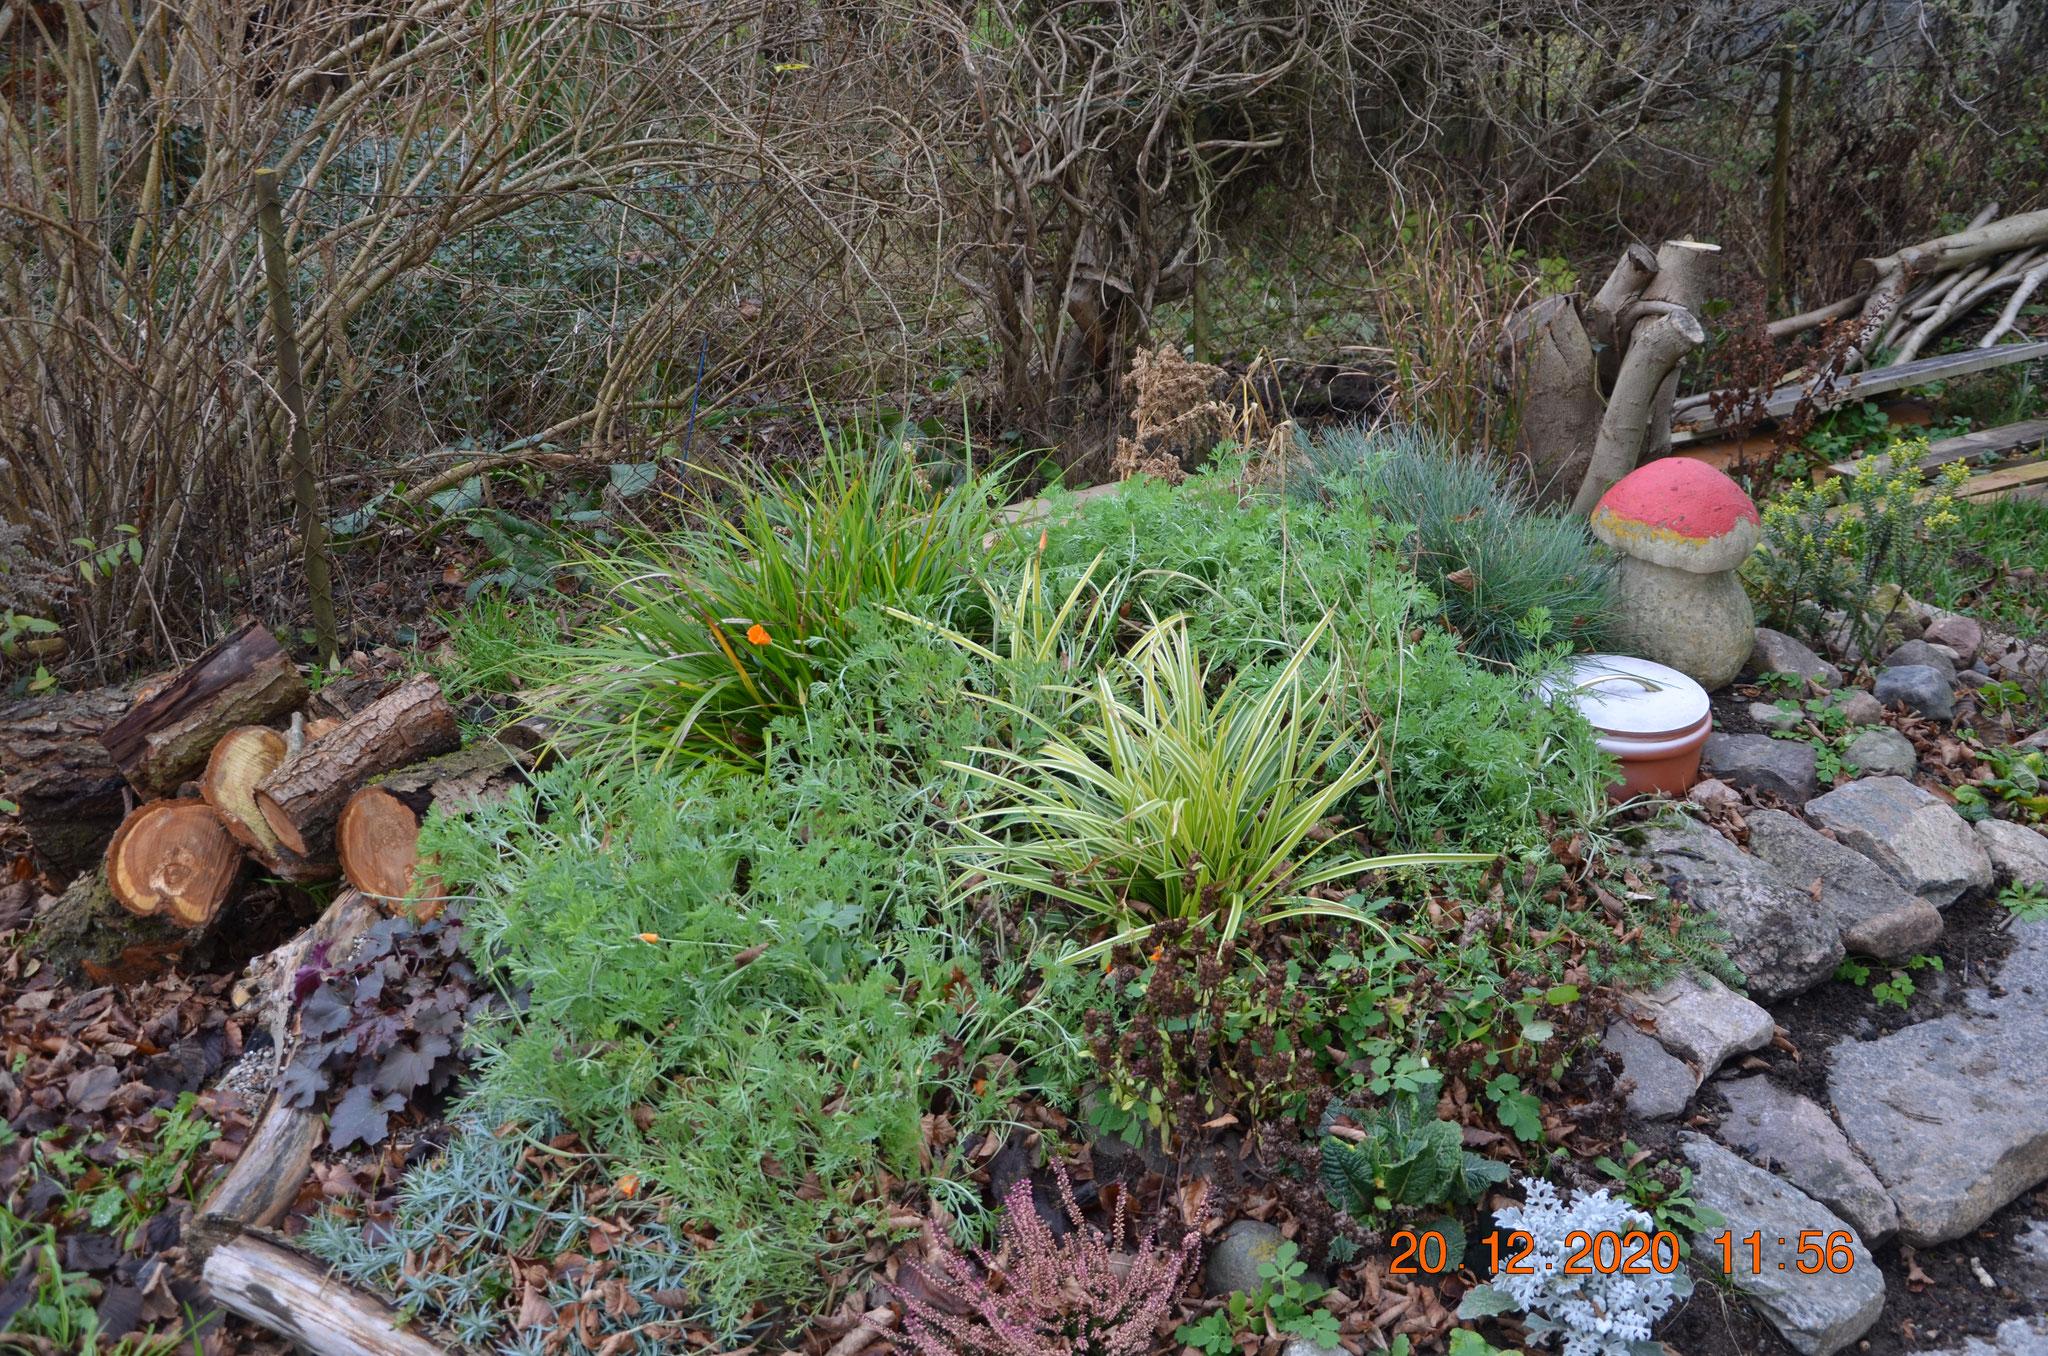 Hochbeet beim Vereinshaus (mit Abwasserbehälter darunter); neu mit Steinpilz